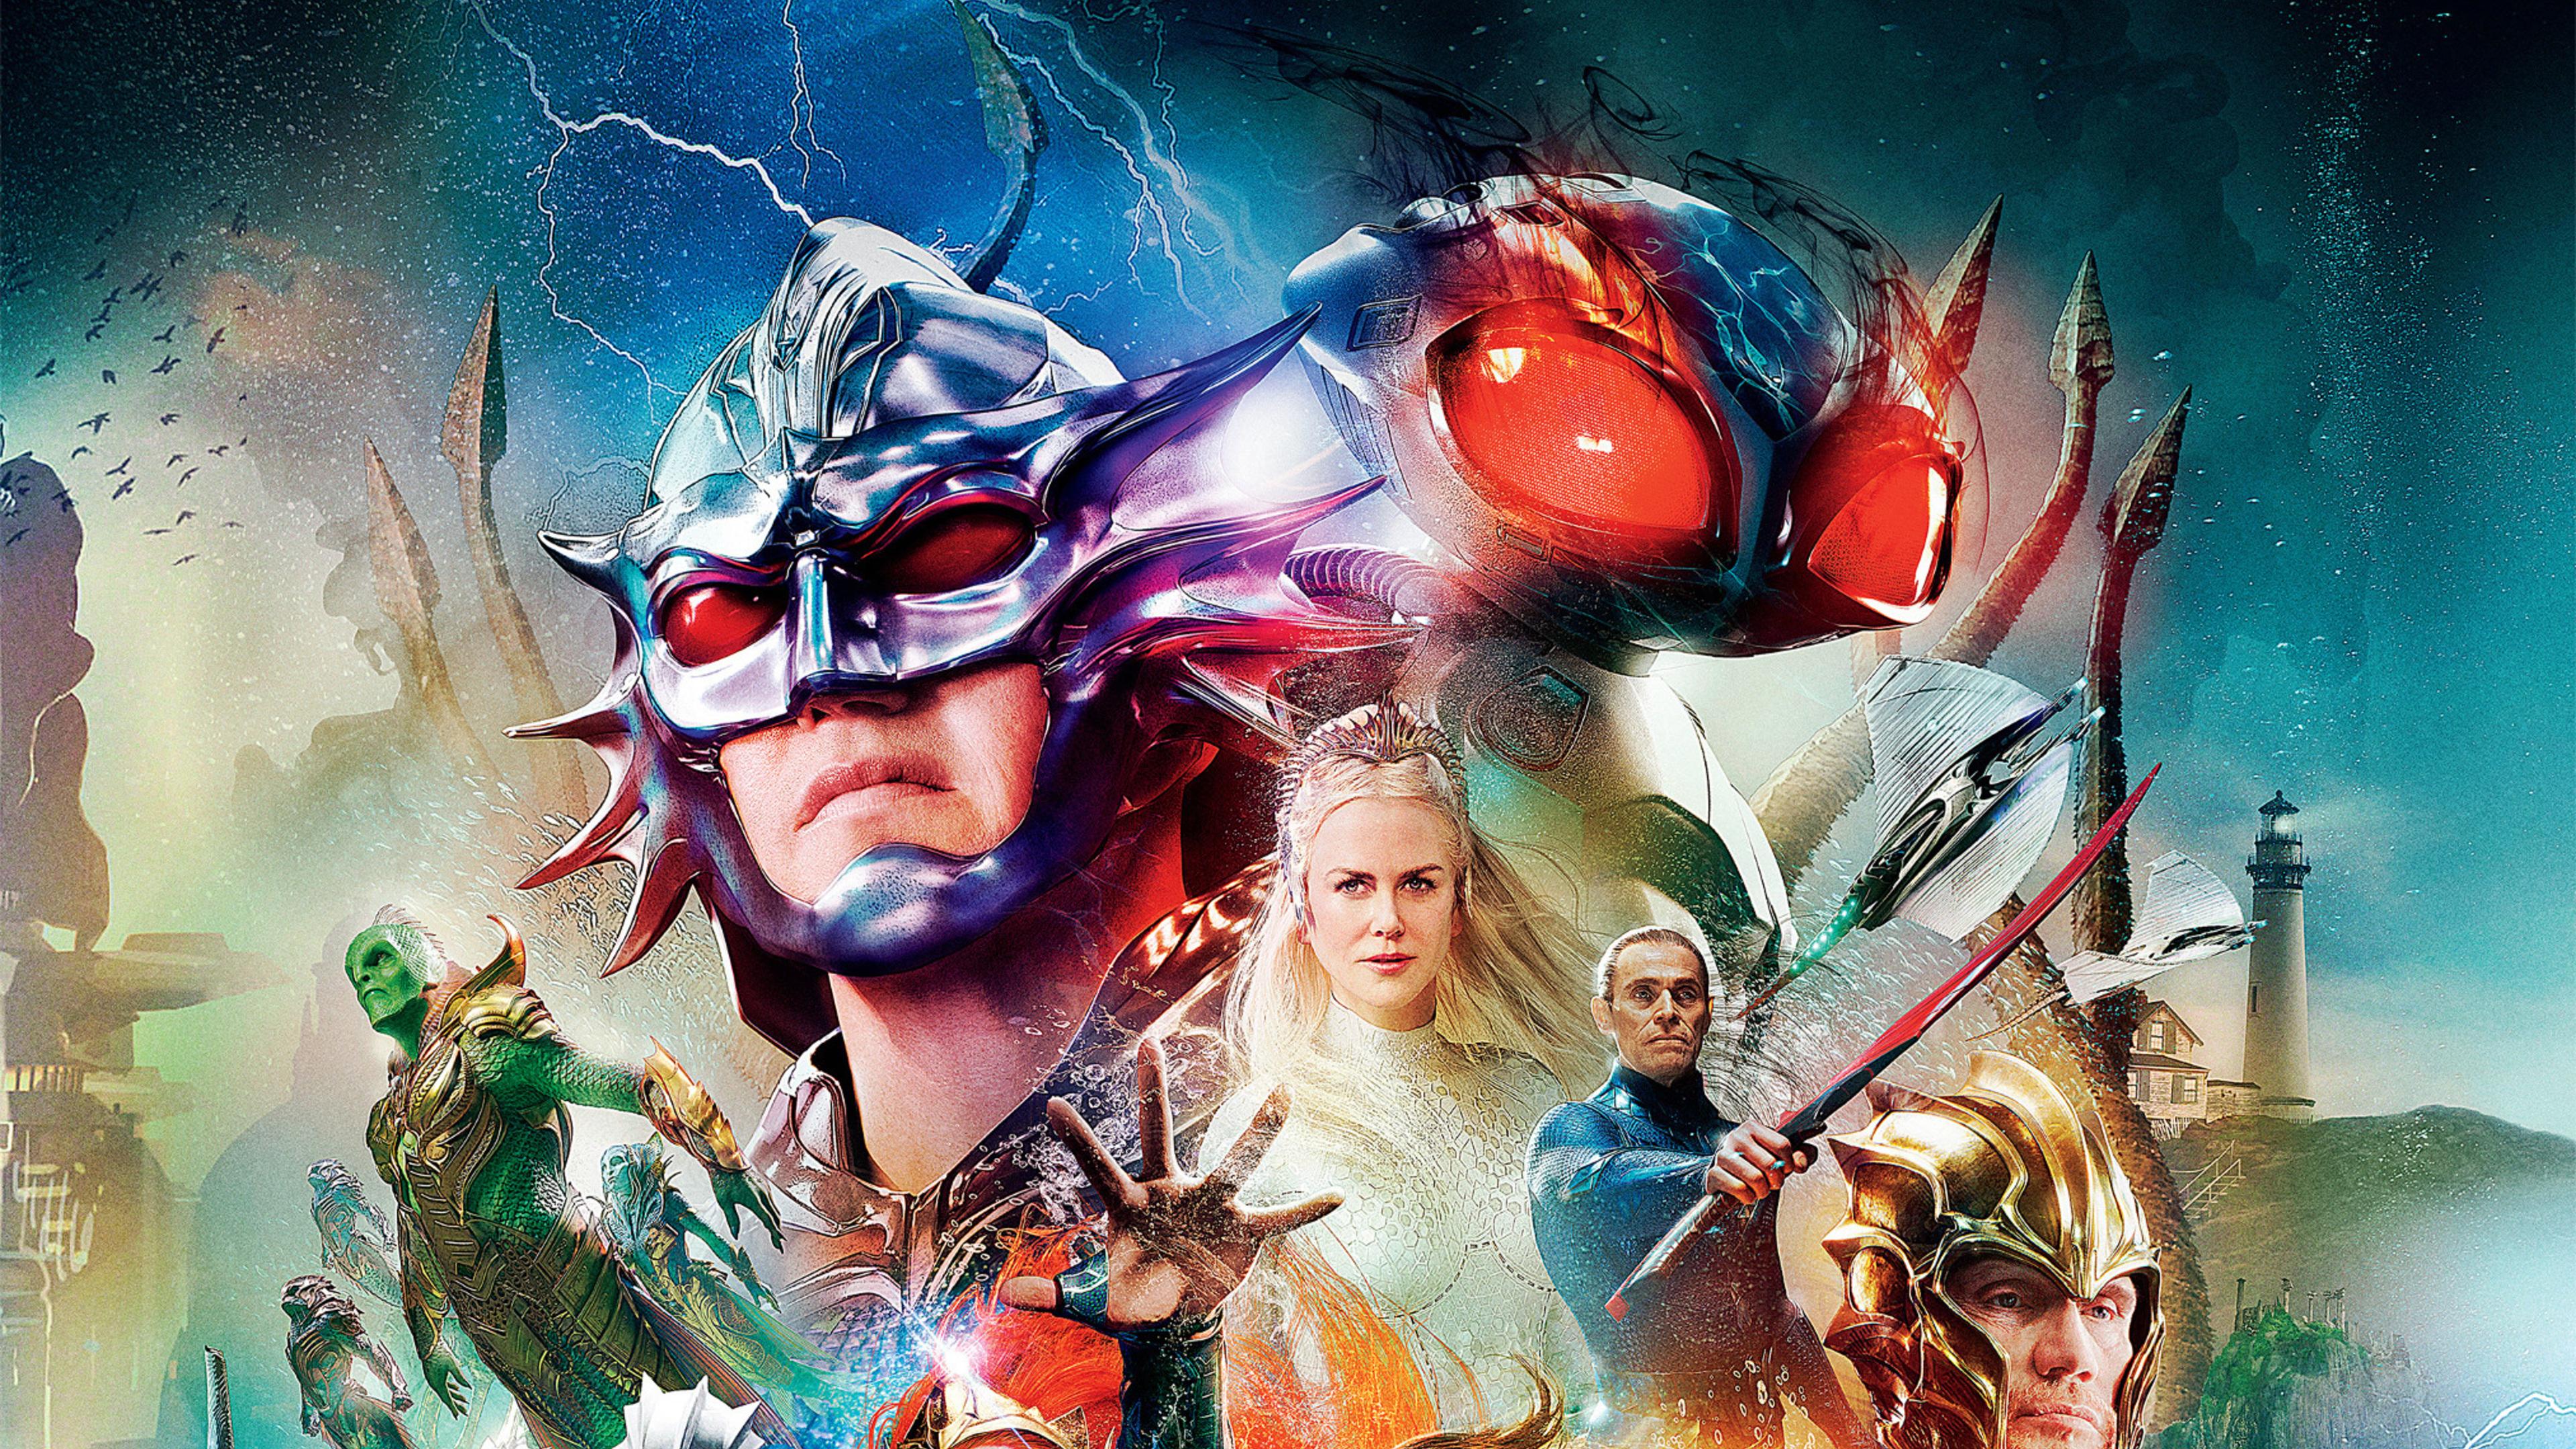 Aquaman Movie Iphone Wallpaper